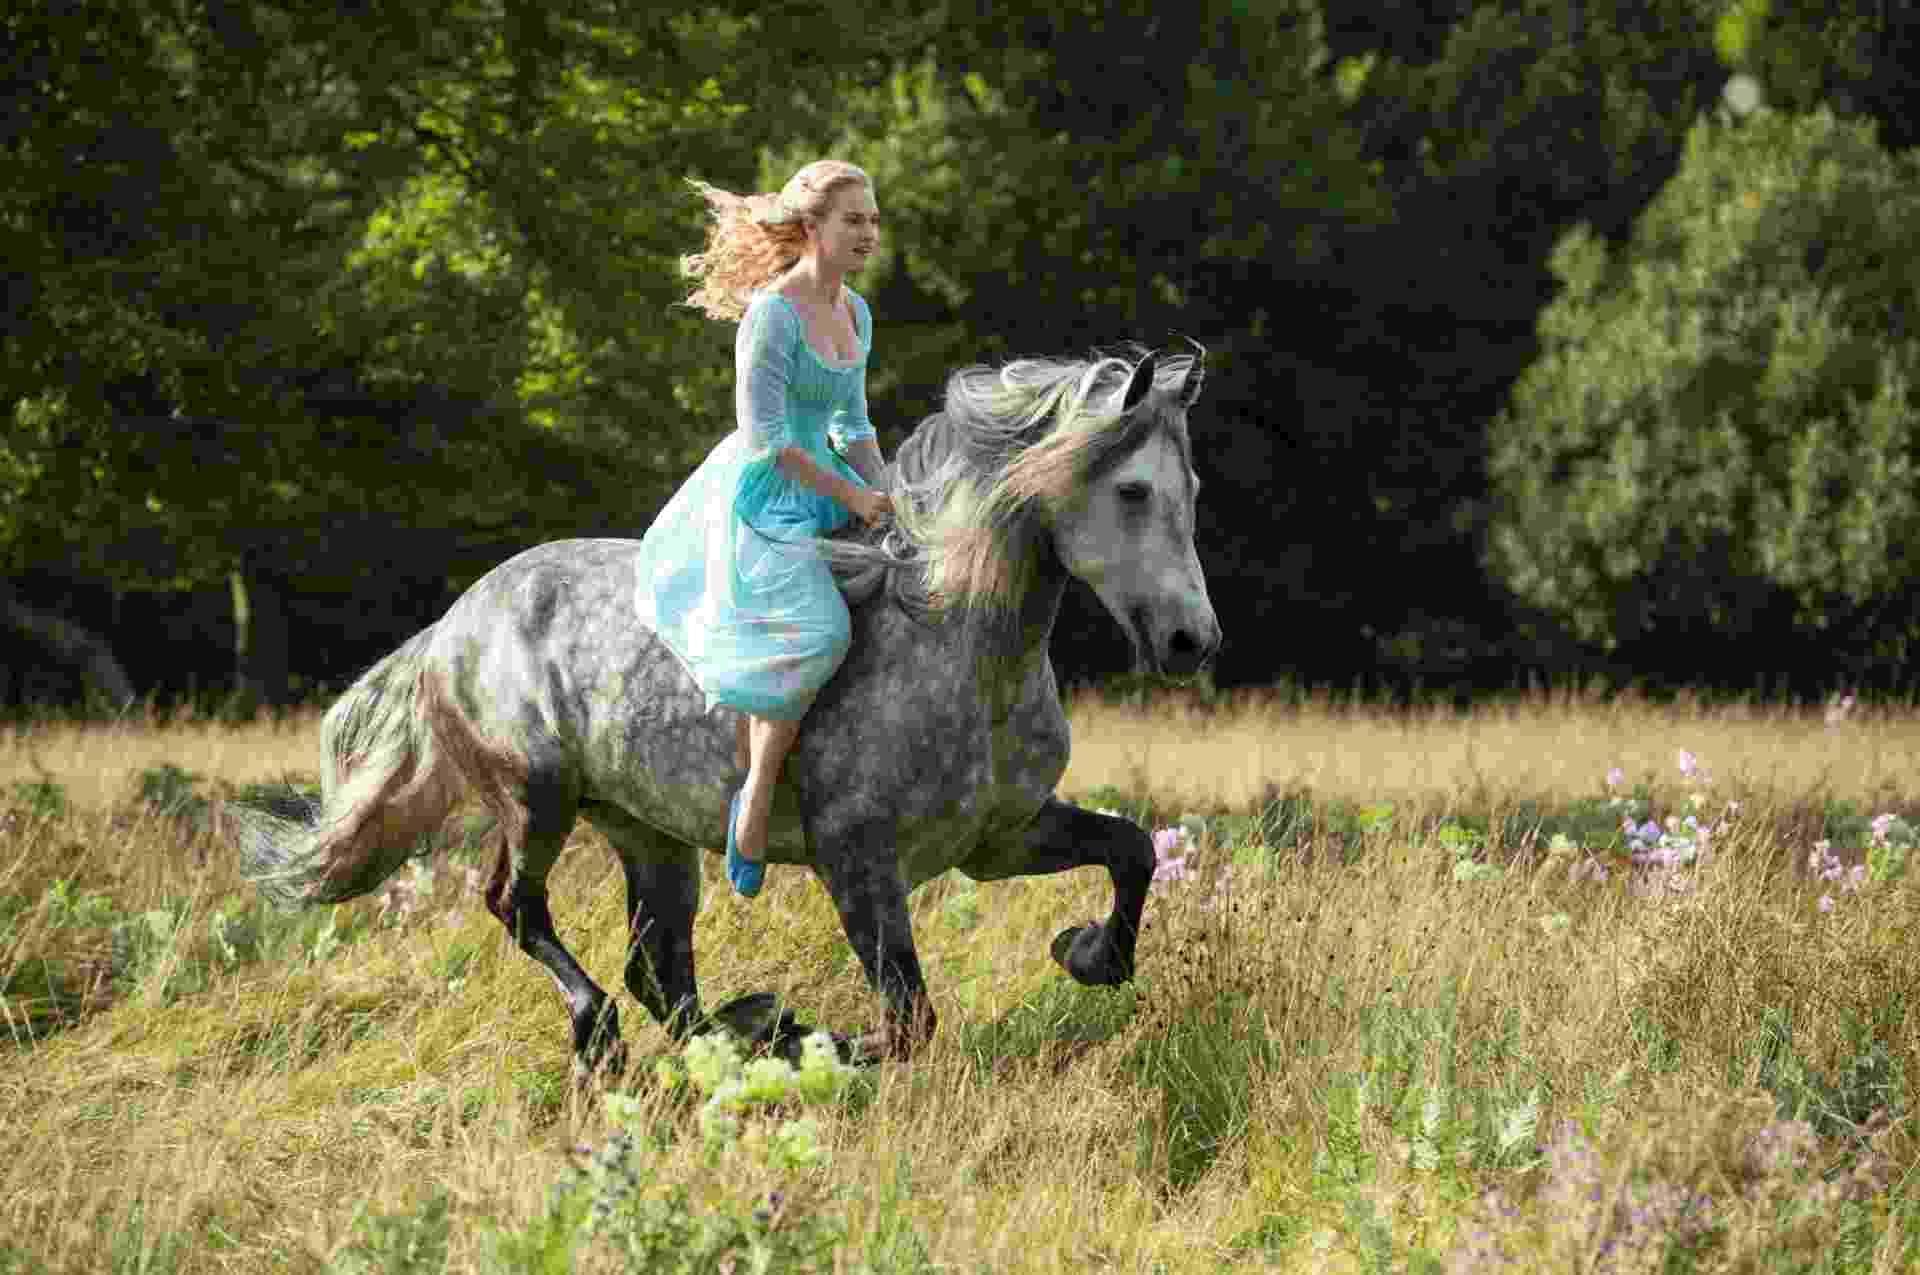 """Cena de """"Cinderella"""", de Kenneth Branagh, que tem previsão de estreia em março de 2015 - Divulgação/Walt Disney Pictures"""